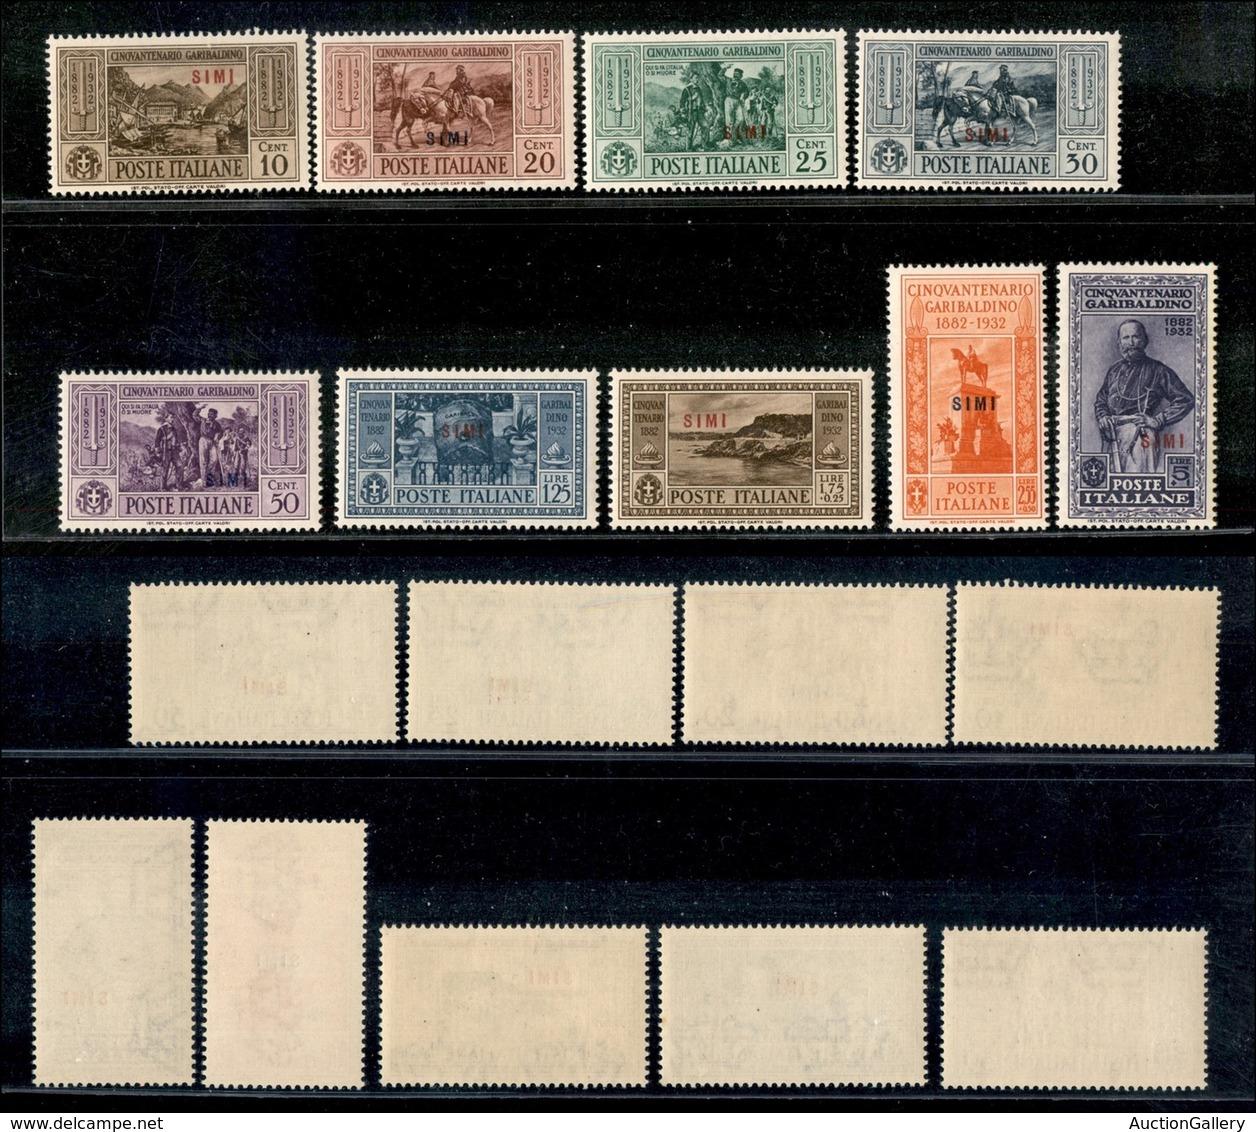 COLONIE - Egeo - Simi - 1932 - Garibaldi (17/21 + 23/26) - 9 Valori - Gomma Integra - Unclassified